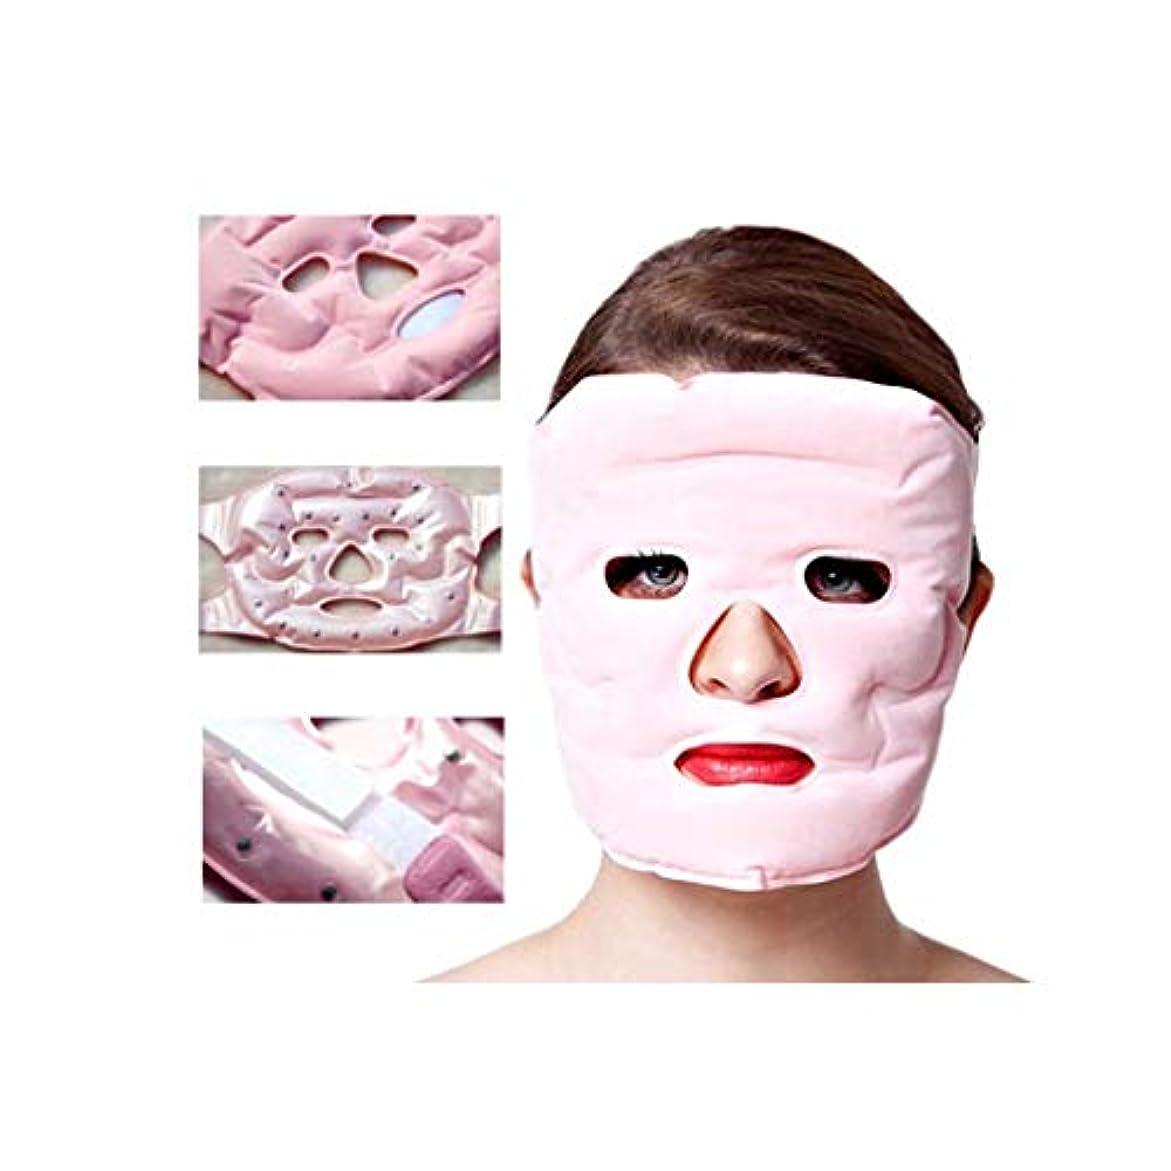 運命的な適用する厚いXHLMRMJ フェイシャルスリミング、Vフェイスマスク、フェイスリフティングビューティーマスク、磁気療法リフティングフェイス、肌の状態を改善するための肌の頬の引き締め